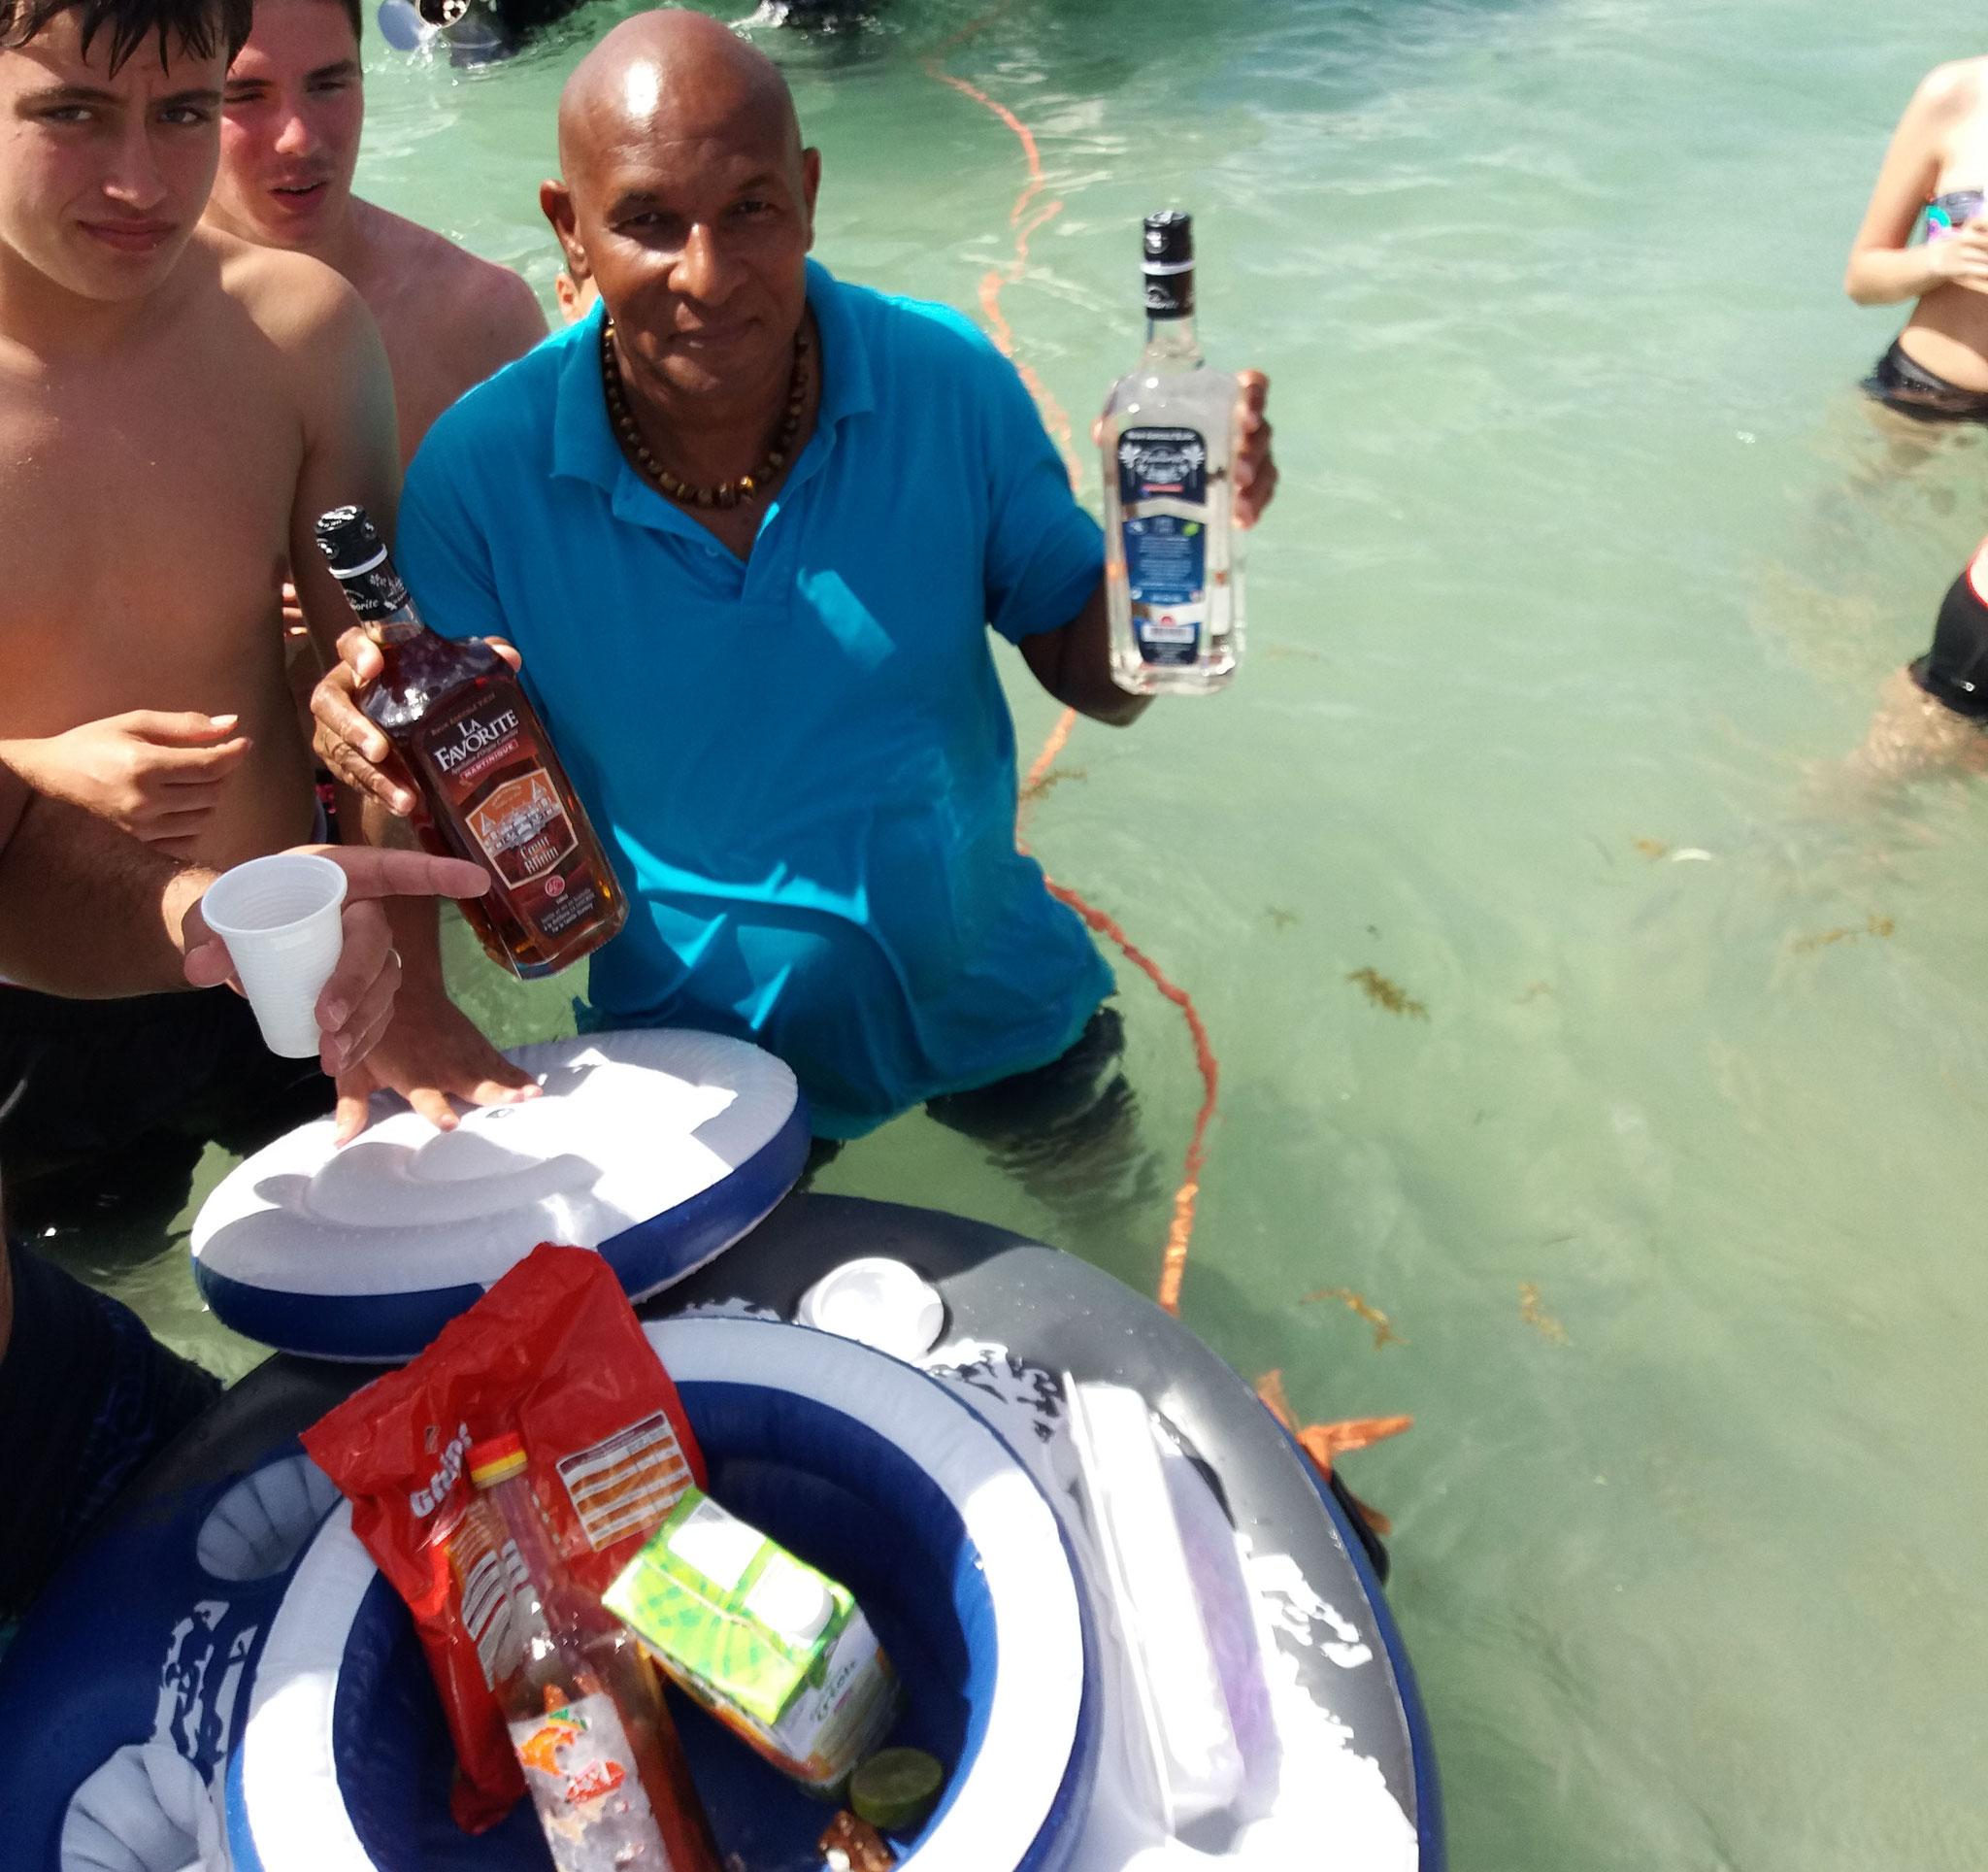 Baignoire de Joséphine Martinique - Balade en mer avec le Capitaine Romule